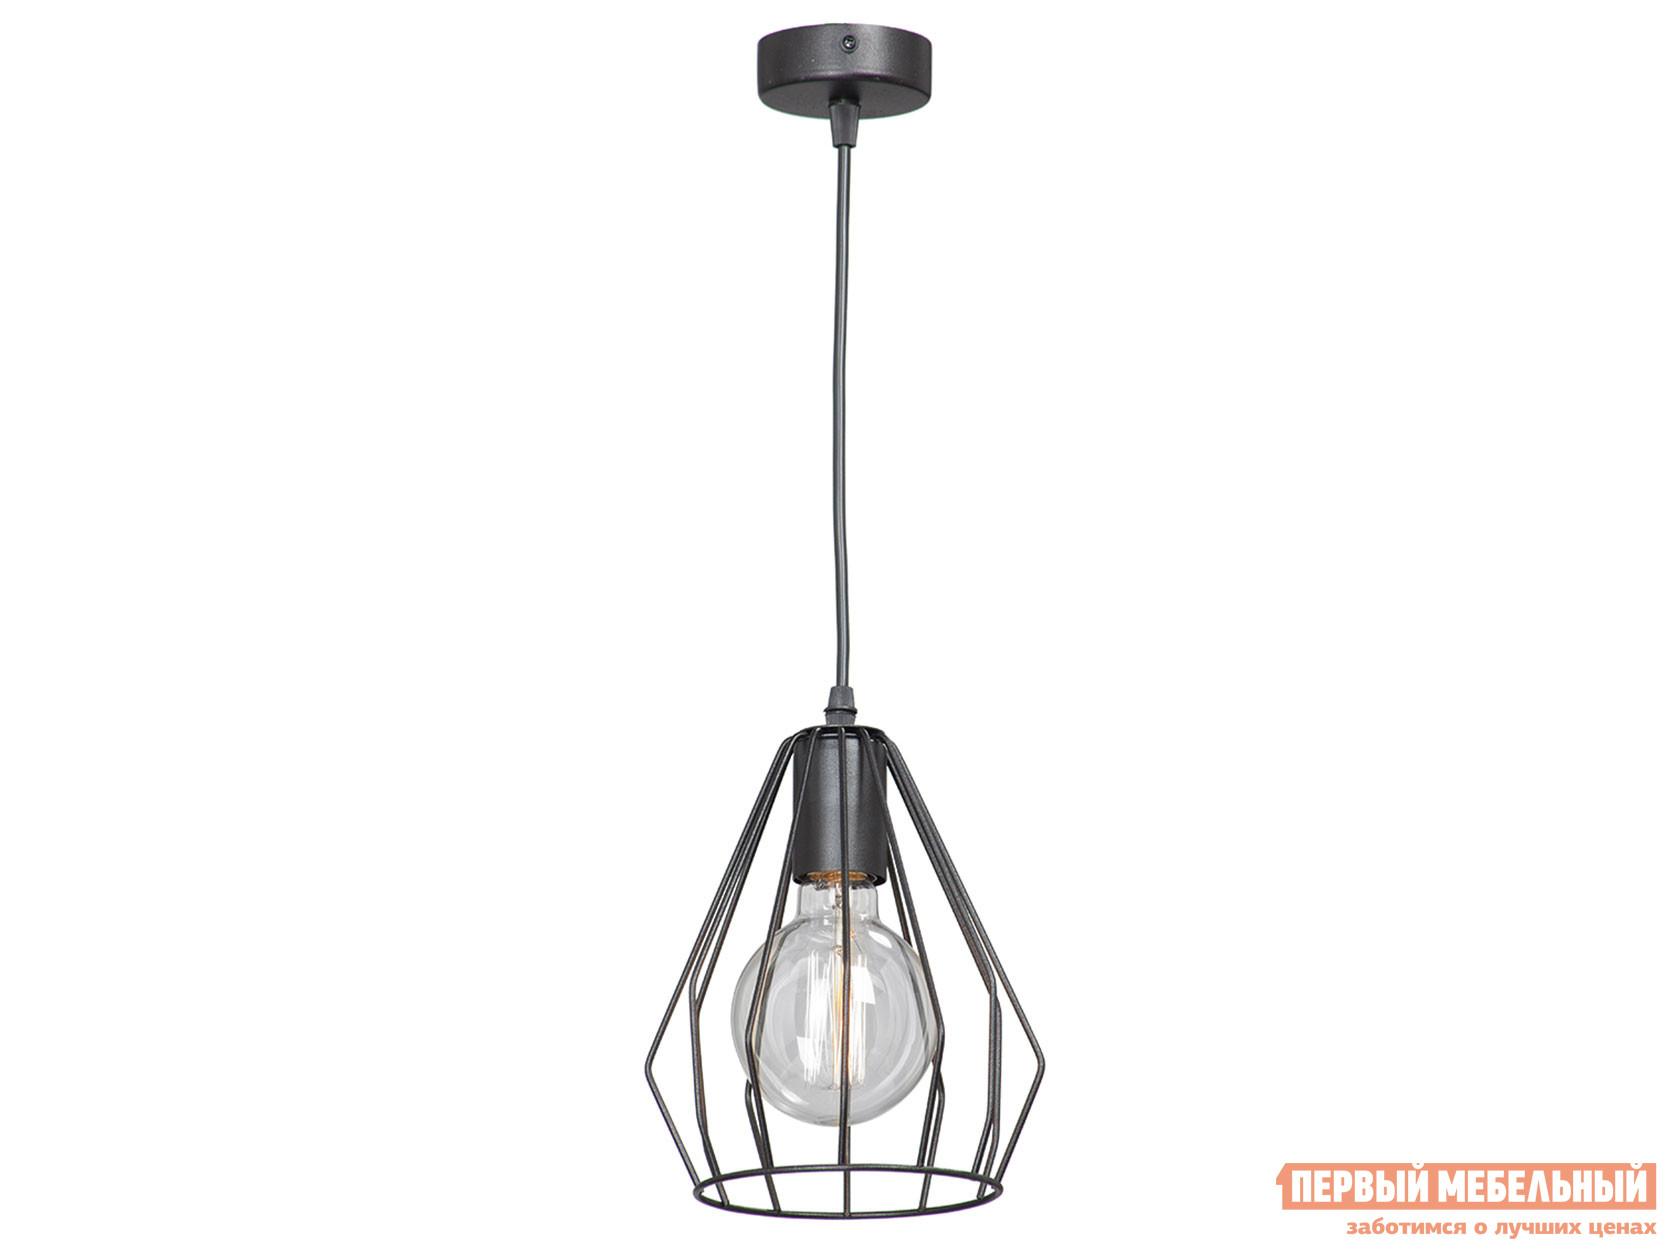 Подвесной светильник КСК-электро Люстра V4383-1/1S